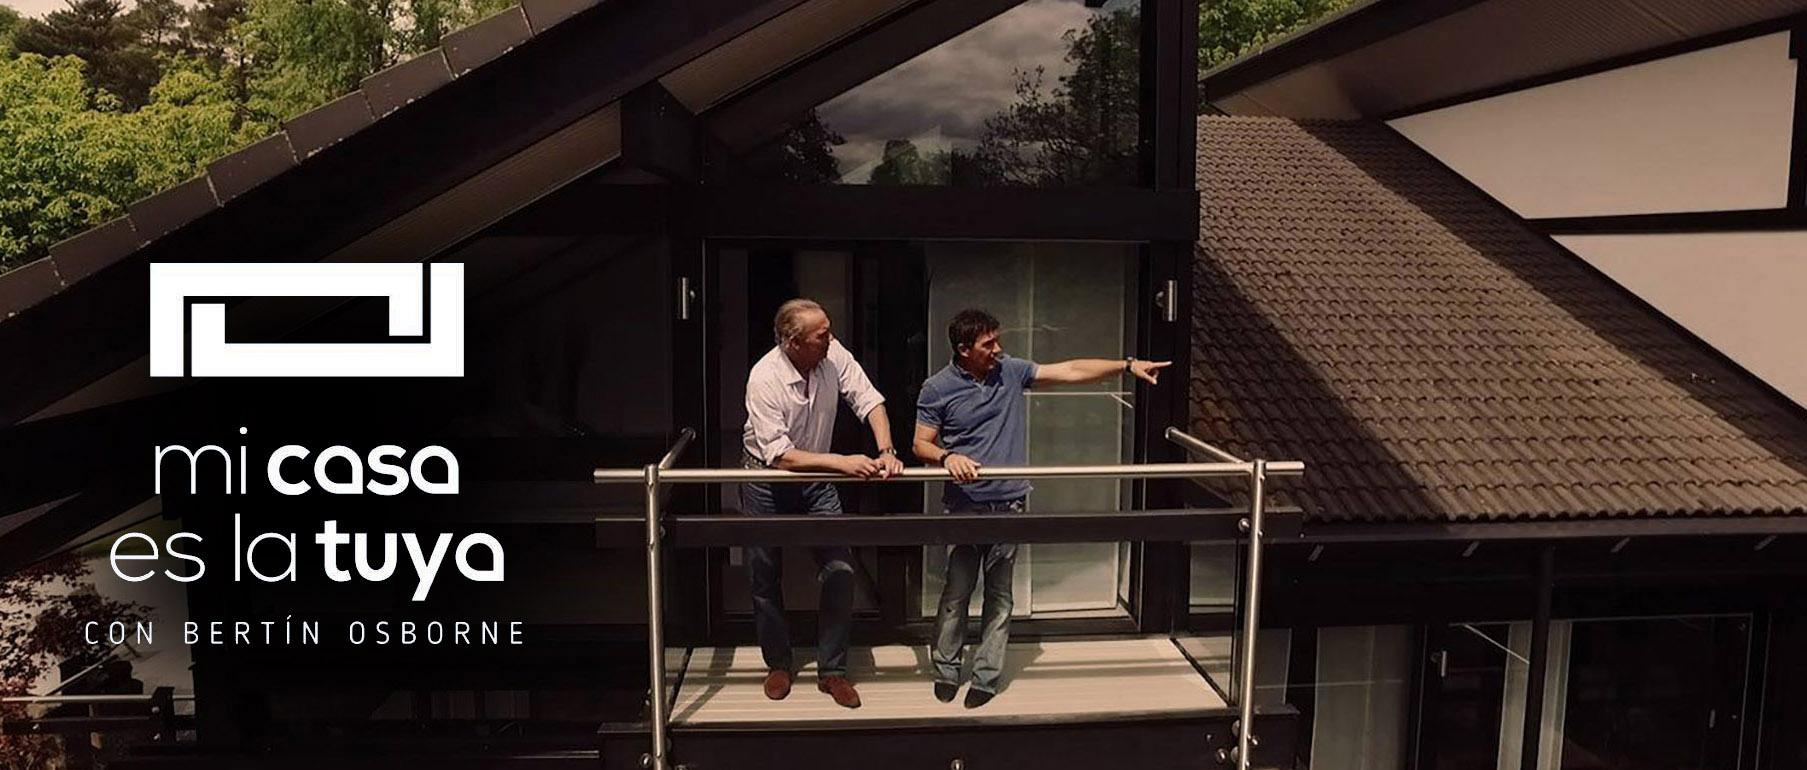 Antonio Banderas 'Mi Casa' (TV Factual)